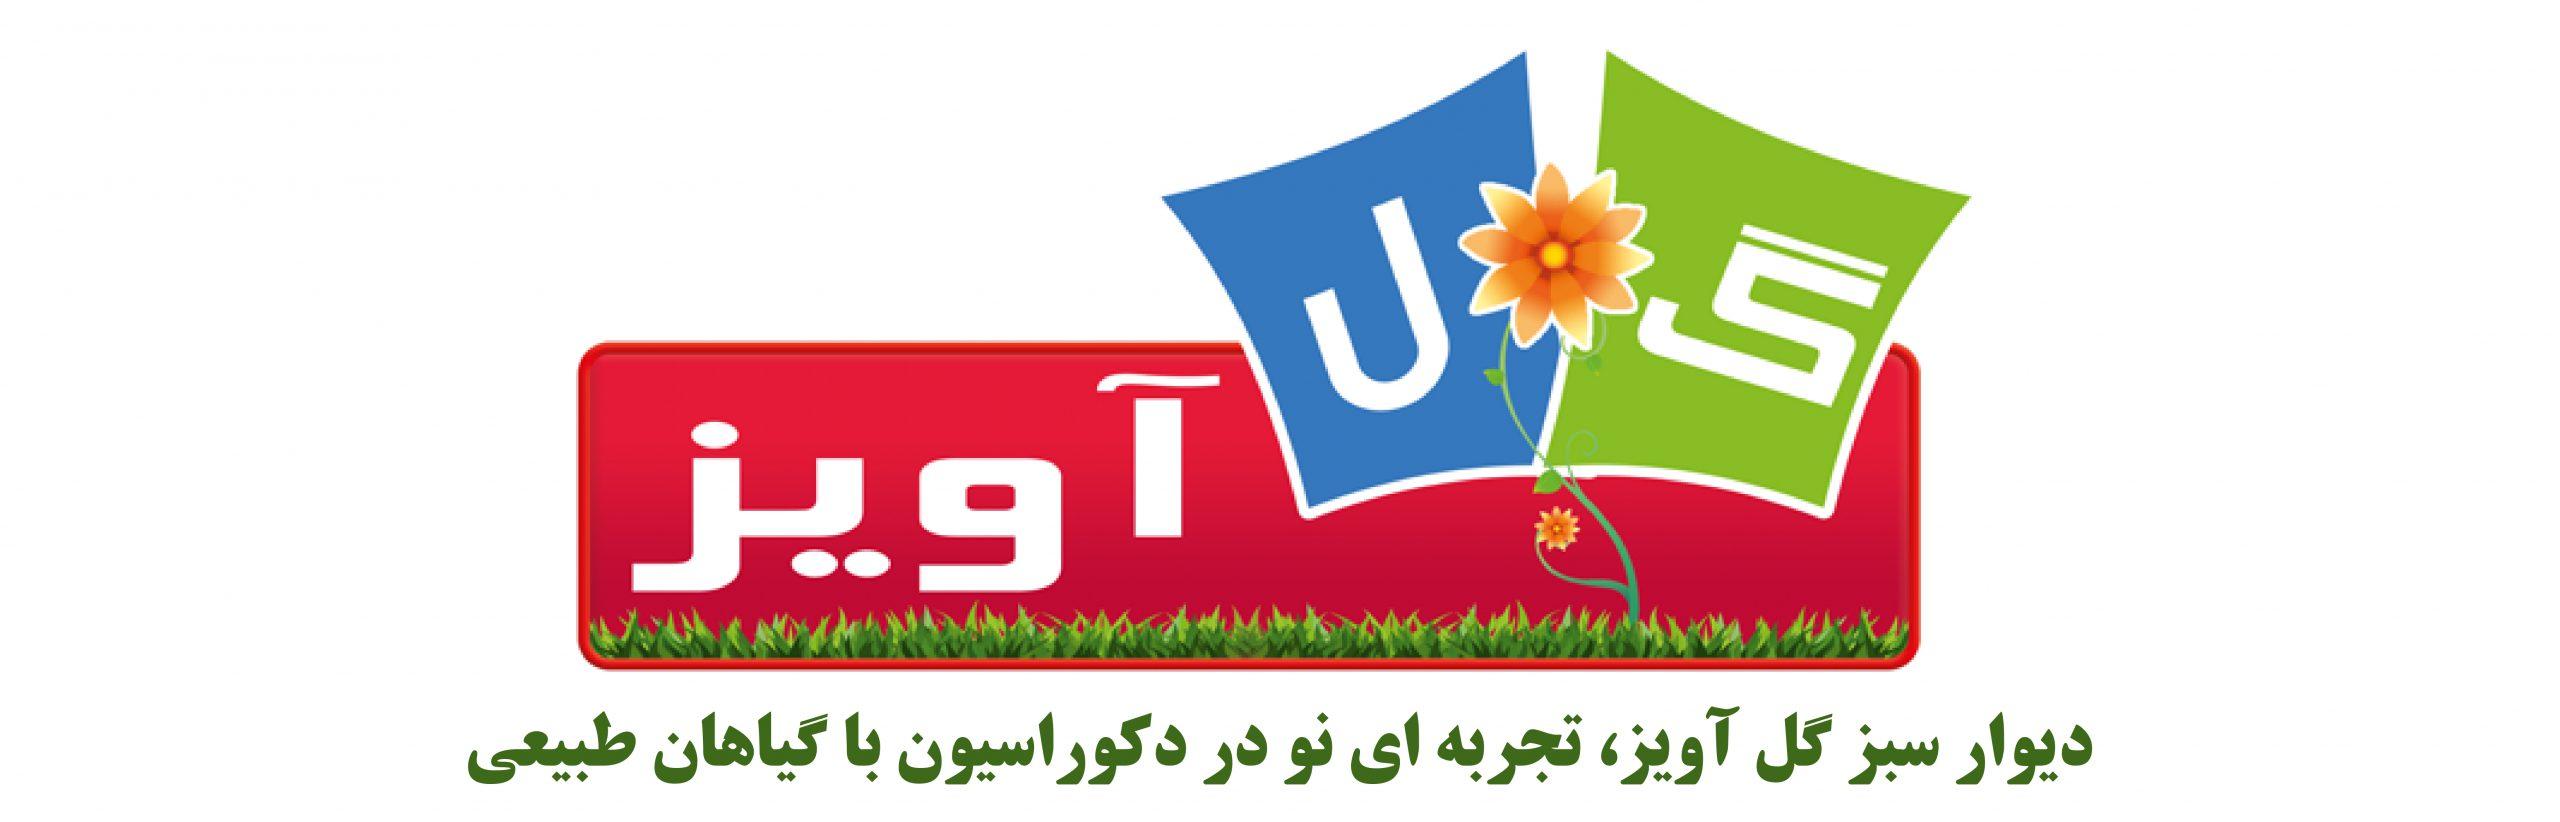 دیوار سبز گل آویز Envato Logo